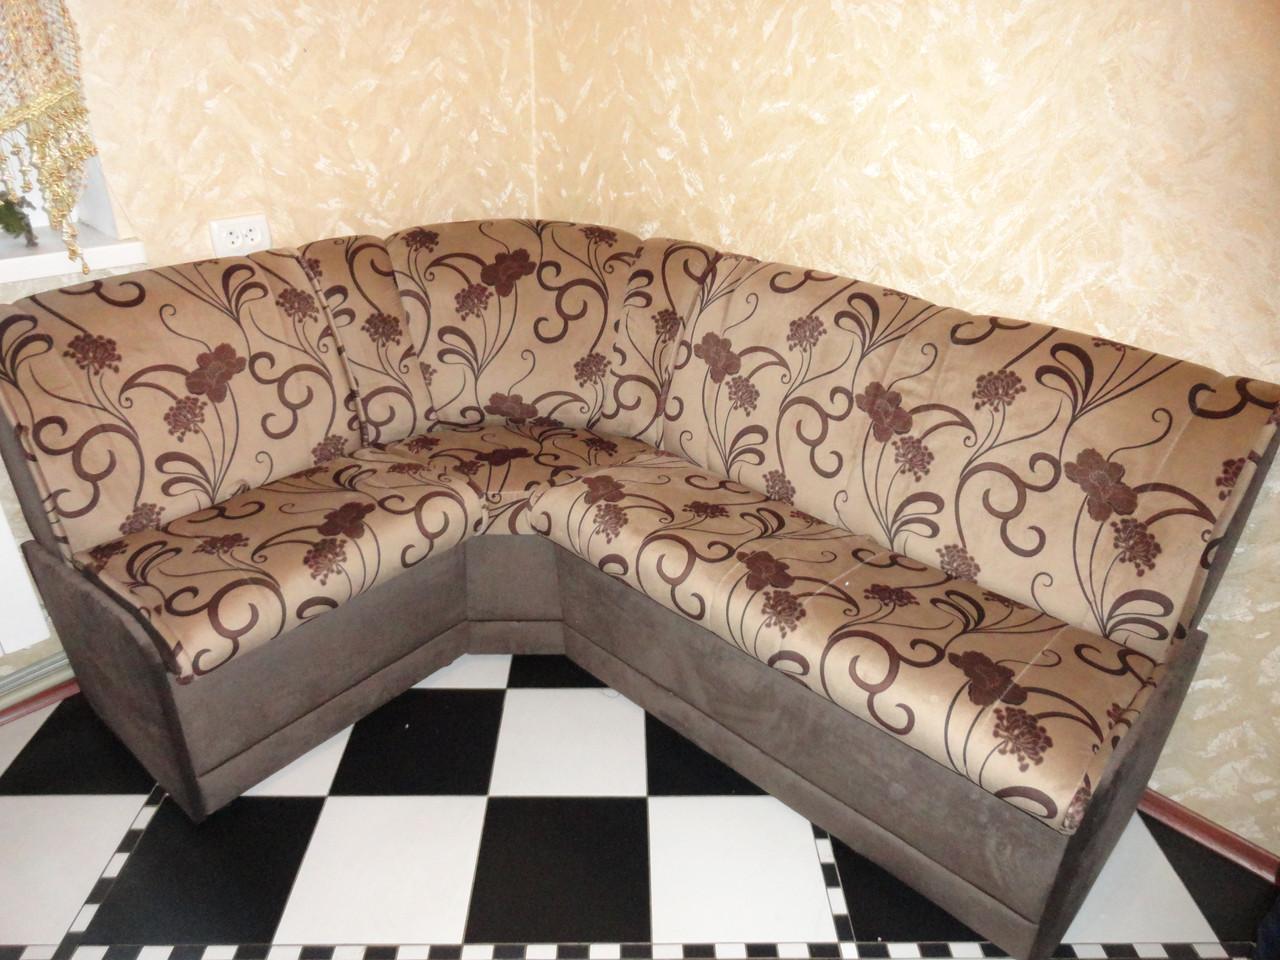 Угловой диван  для кухни Днепр. Кухонный уголок на заказ Днепр.